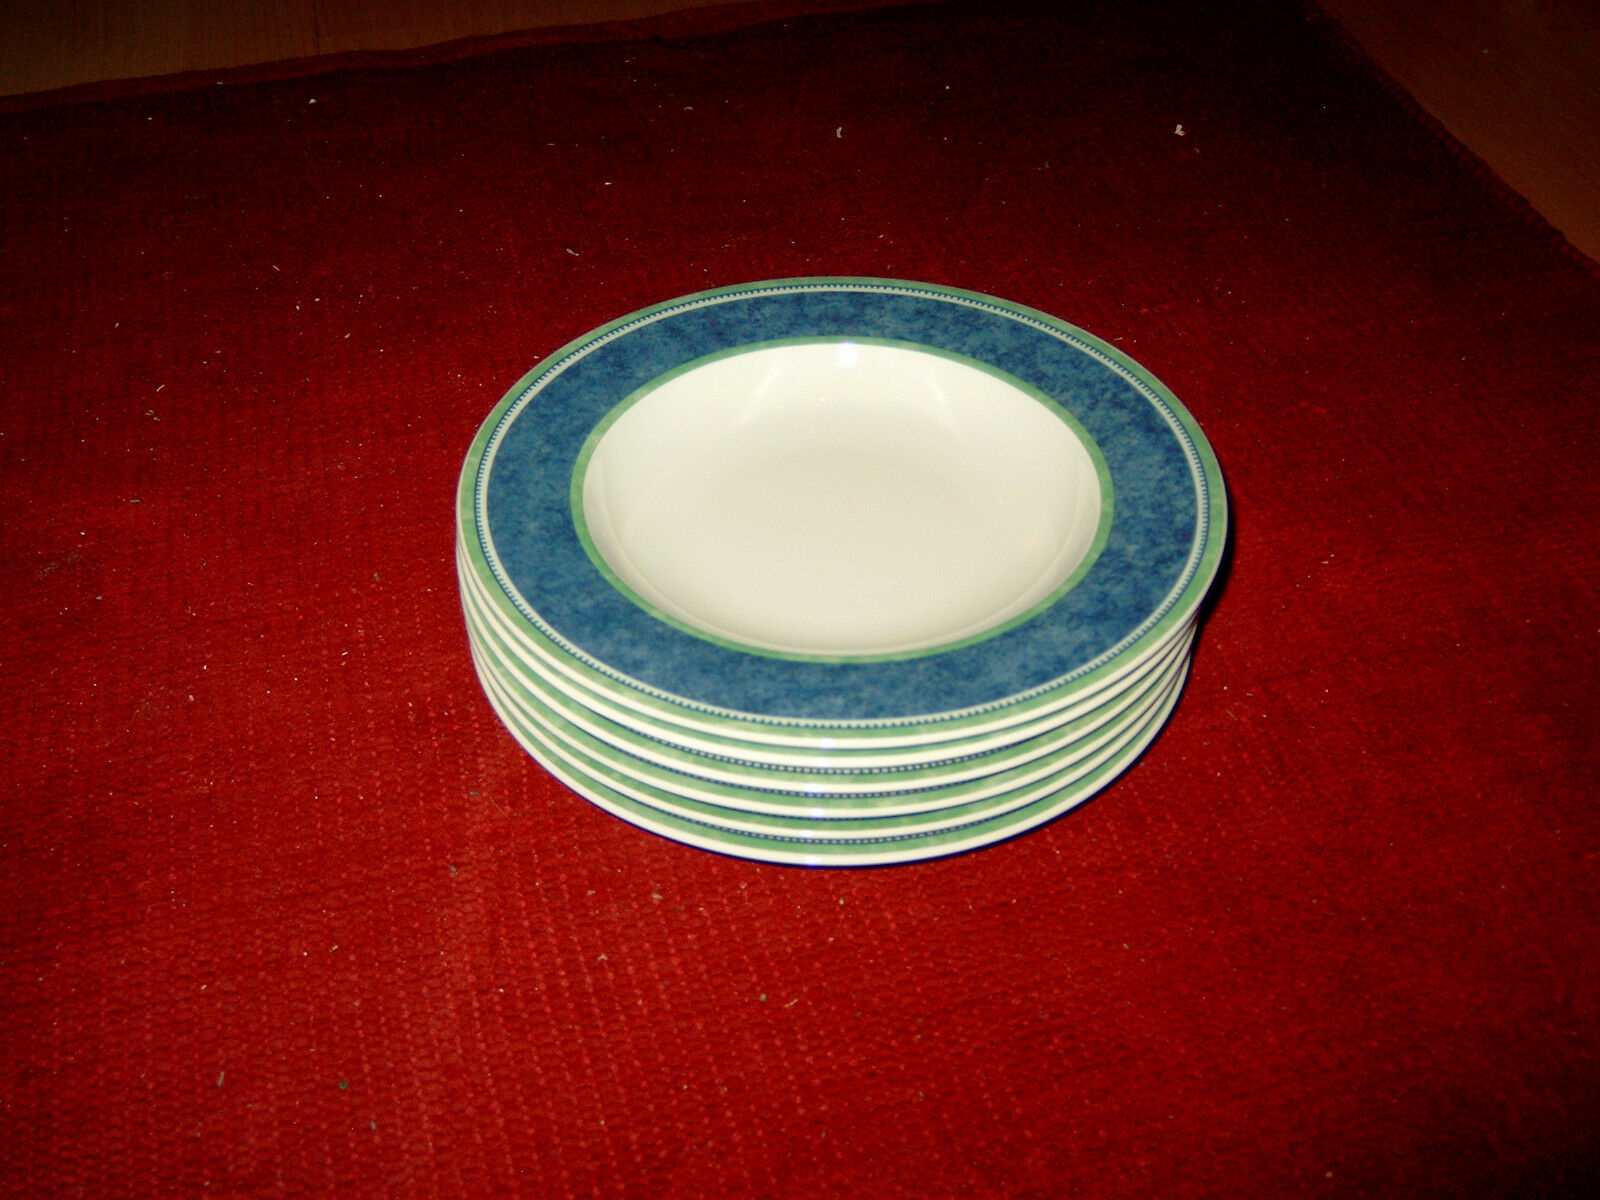 VILLEROY & BOCH, 6 assiettes à soupe, série  Switch 3 Costa, 23 cm article neuf